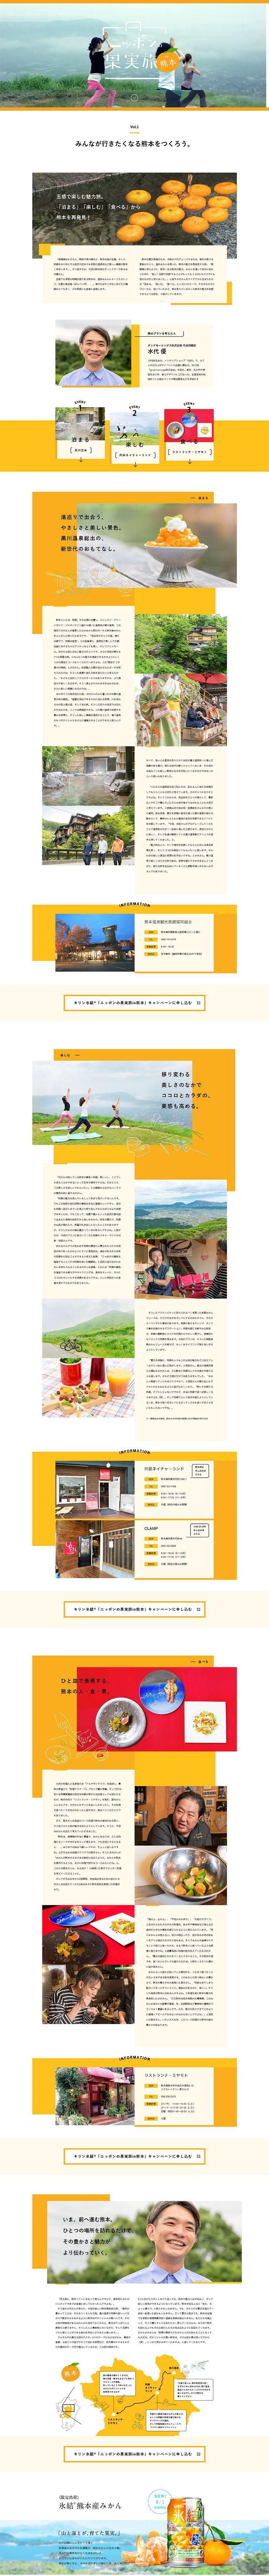 日本の果実旅in熊本|WEBデザイナーさん必見!ランディングページのデザイン参考に(かわいい系)